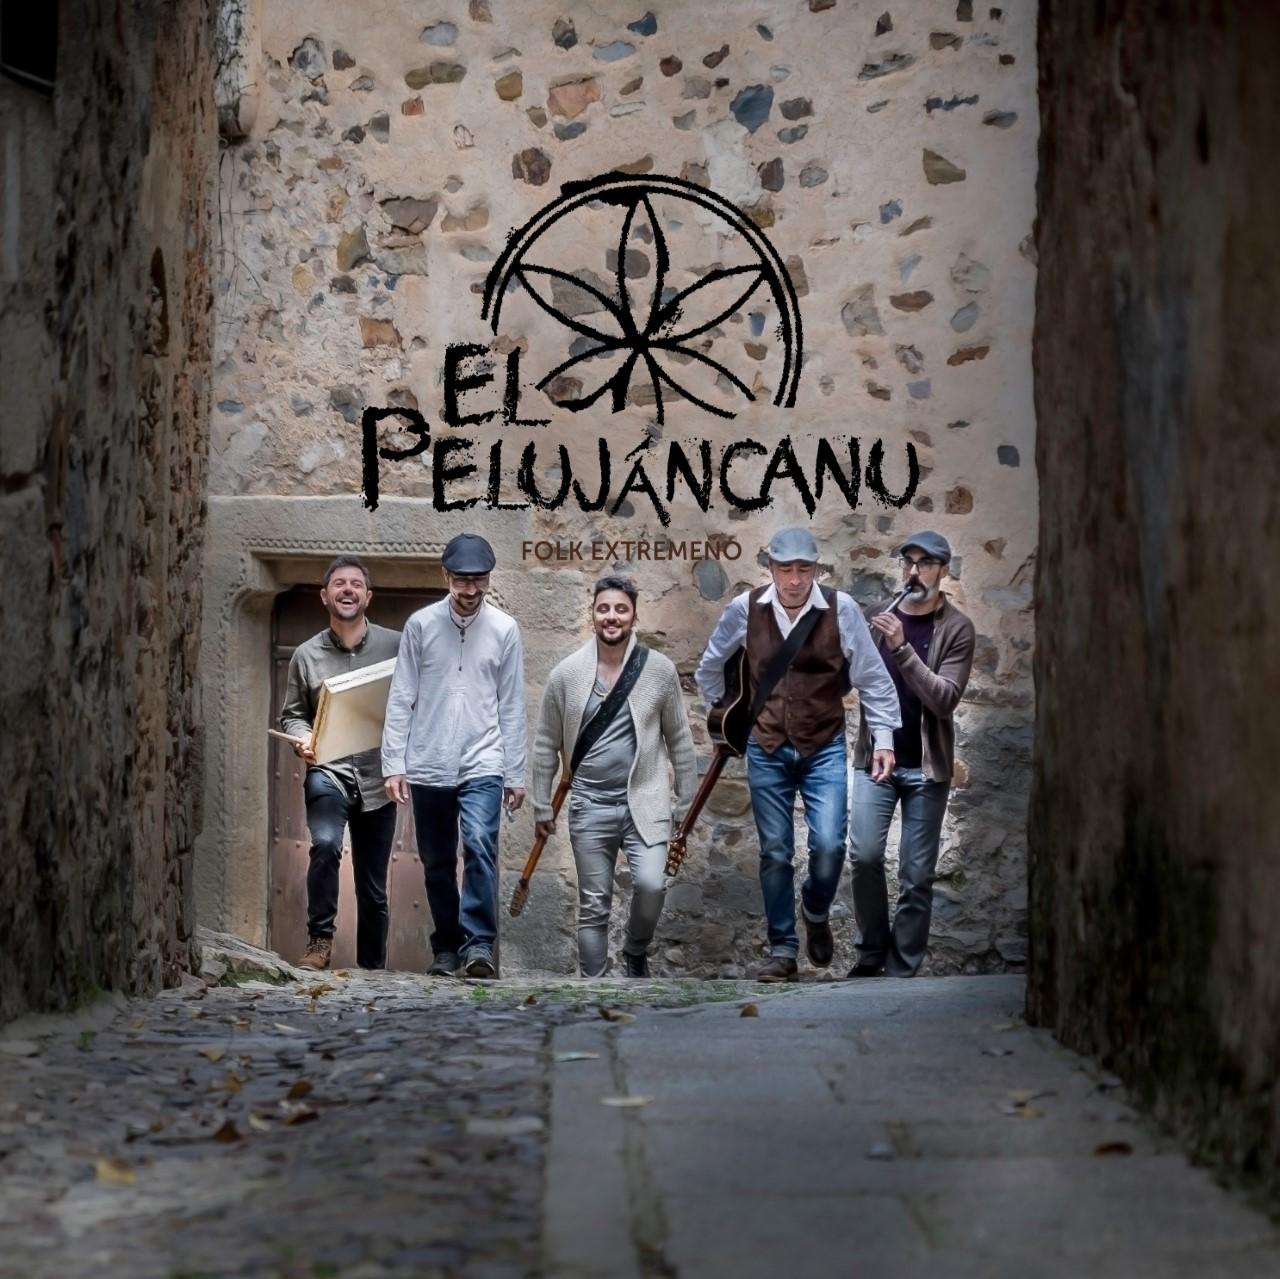 El pelujáncanu, Folk de Extremadura